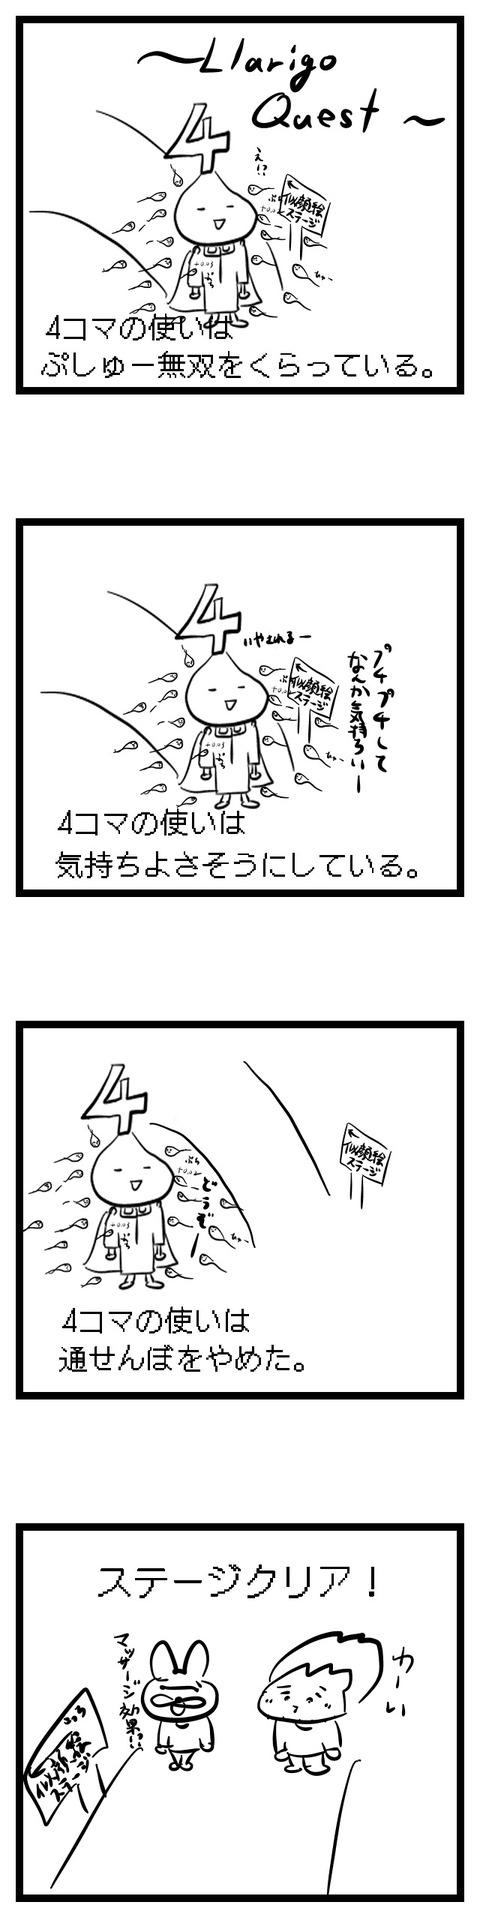 12ラリーゴクエスト2